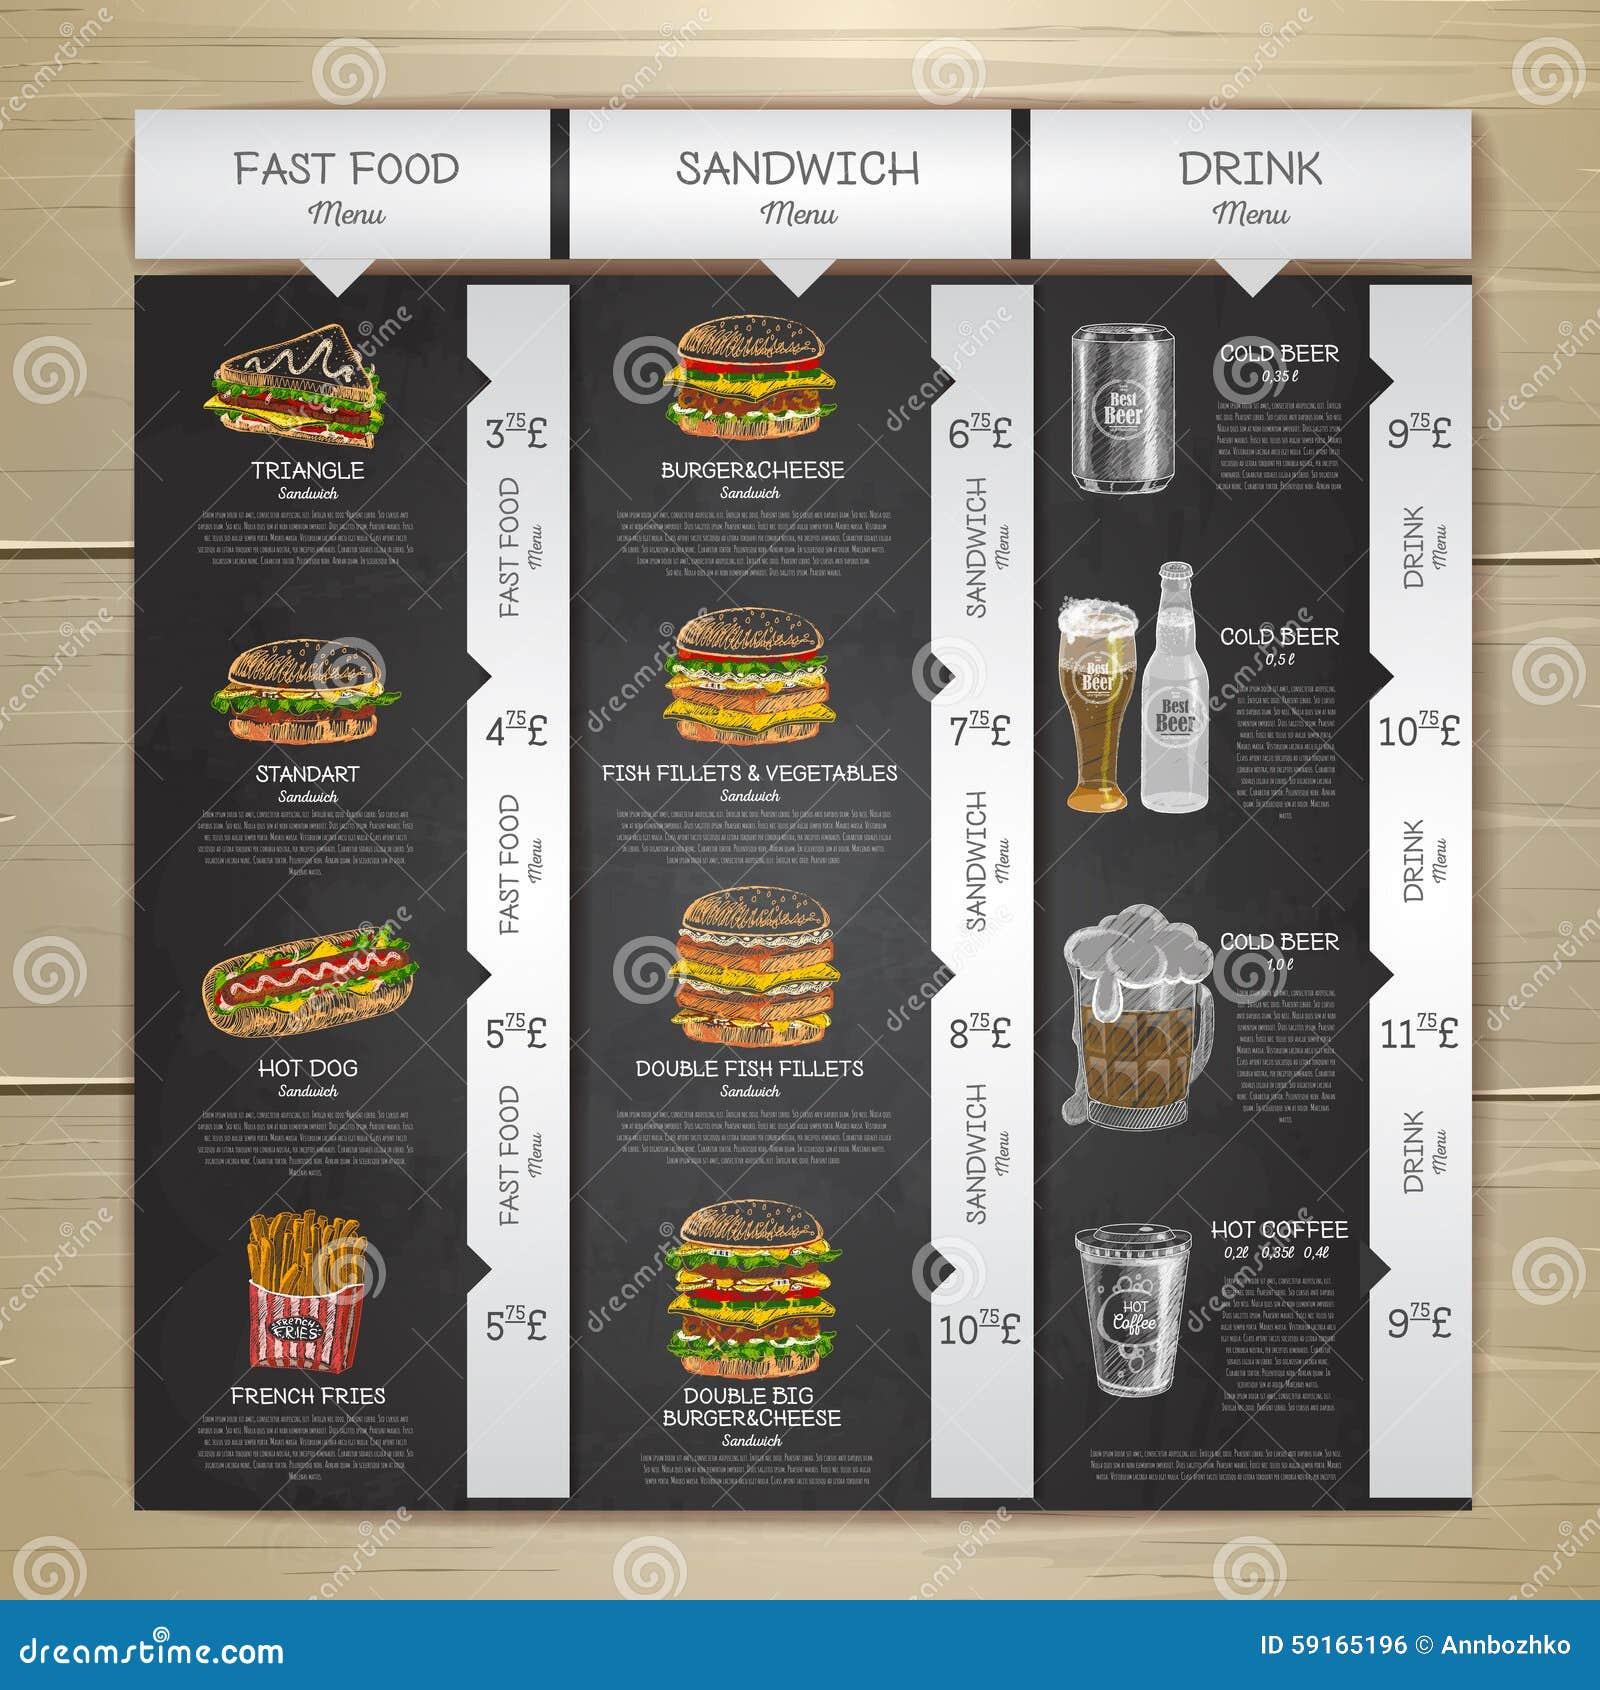 vintage chalk drawing fast food menu sandwich sketch stock vector image 59165196. Black Bedroom Furniture Sets. Home Design Ideas